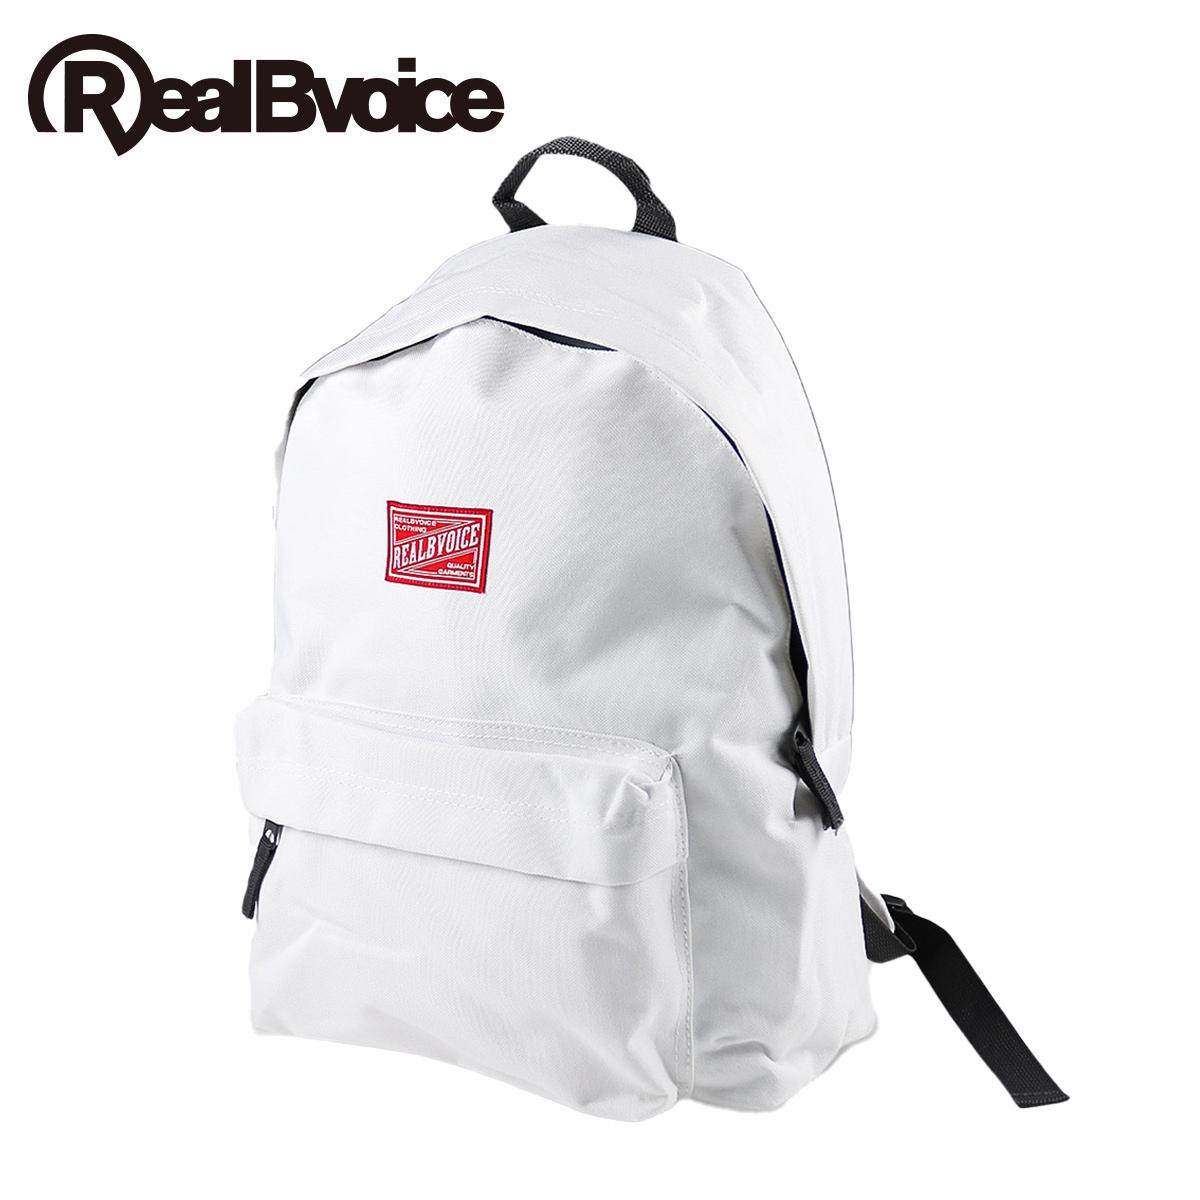 リアルビーボイス バックパック リュック RBV ORIGINAL PACK 新生活 FASHION 開店祝い BACK NAME